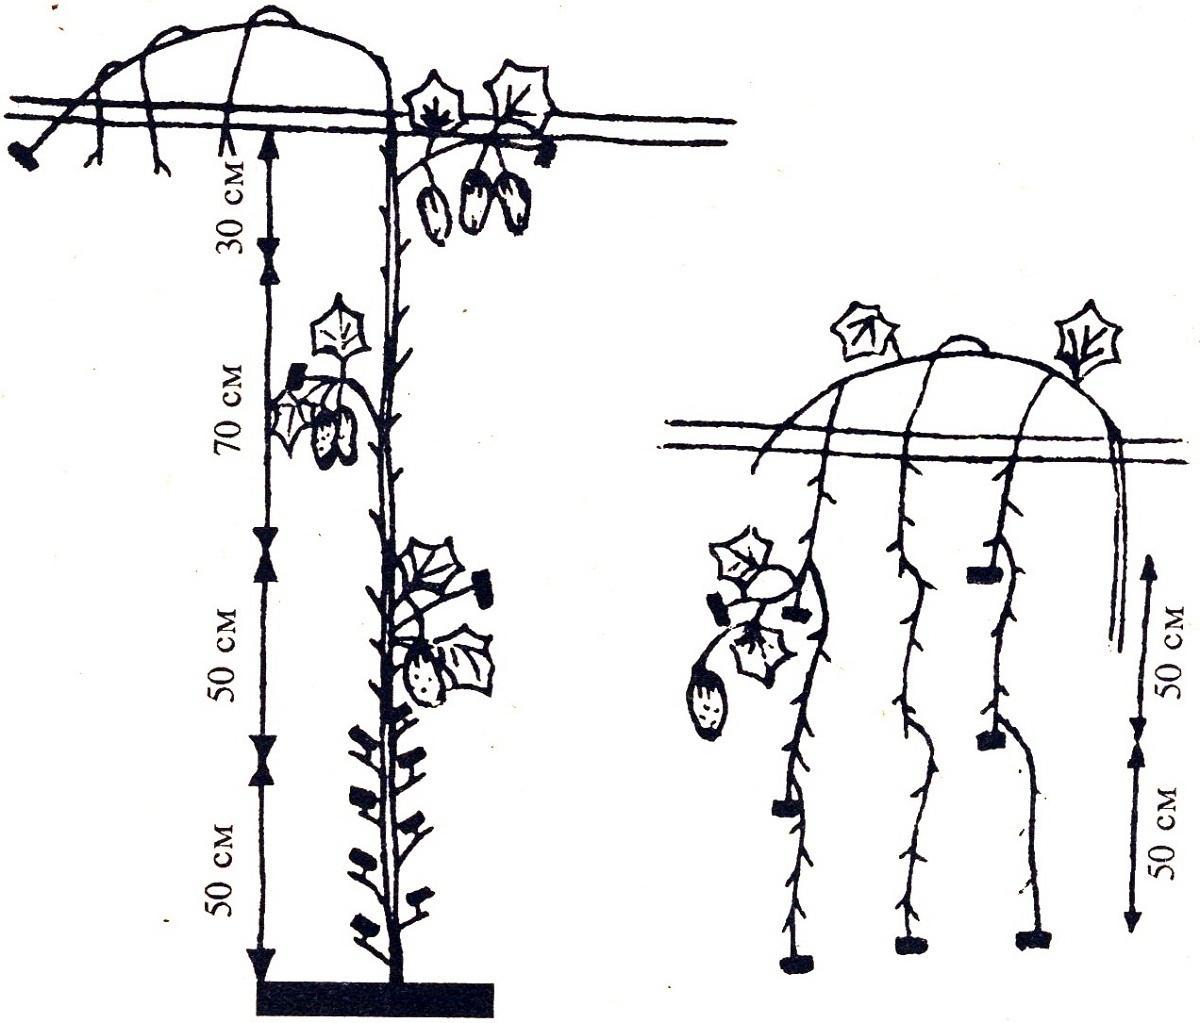 Формирование огурцов в один стебель: причины и варианты проведения